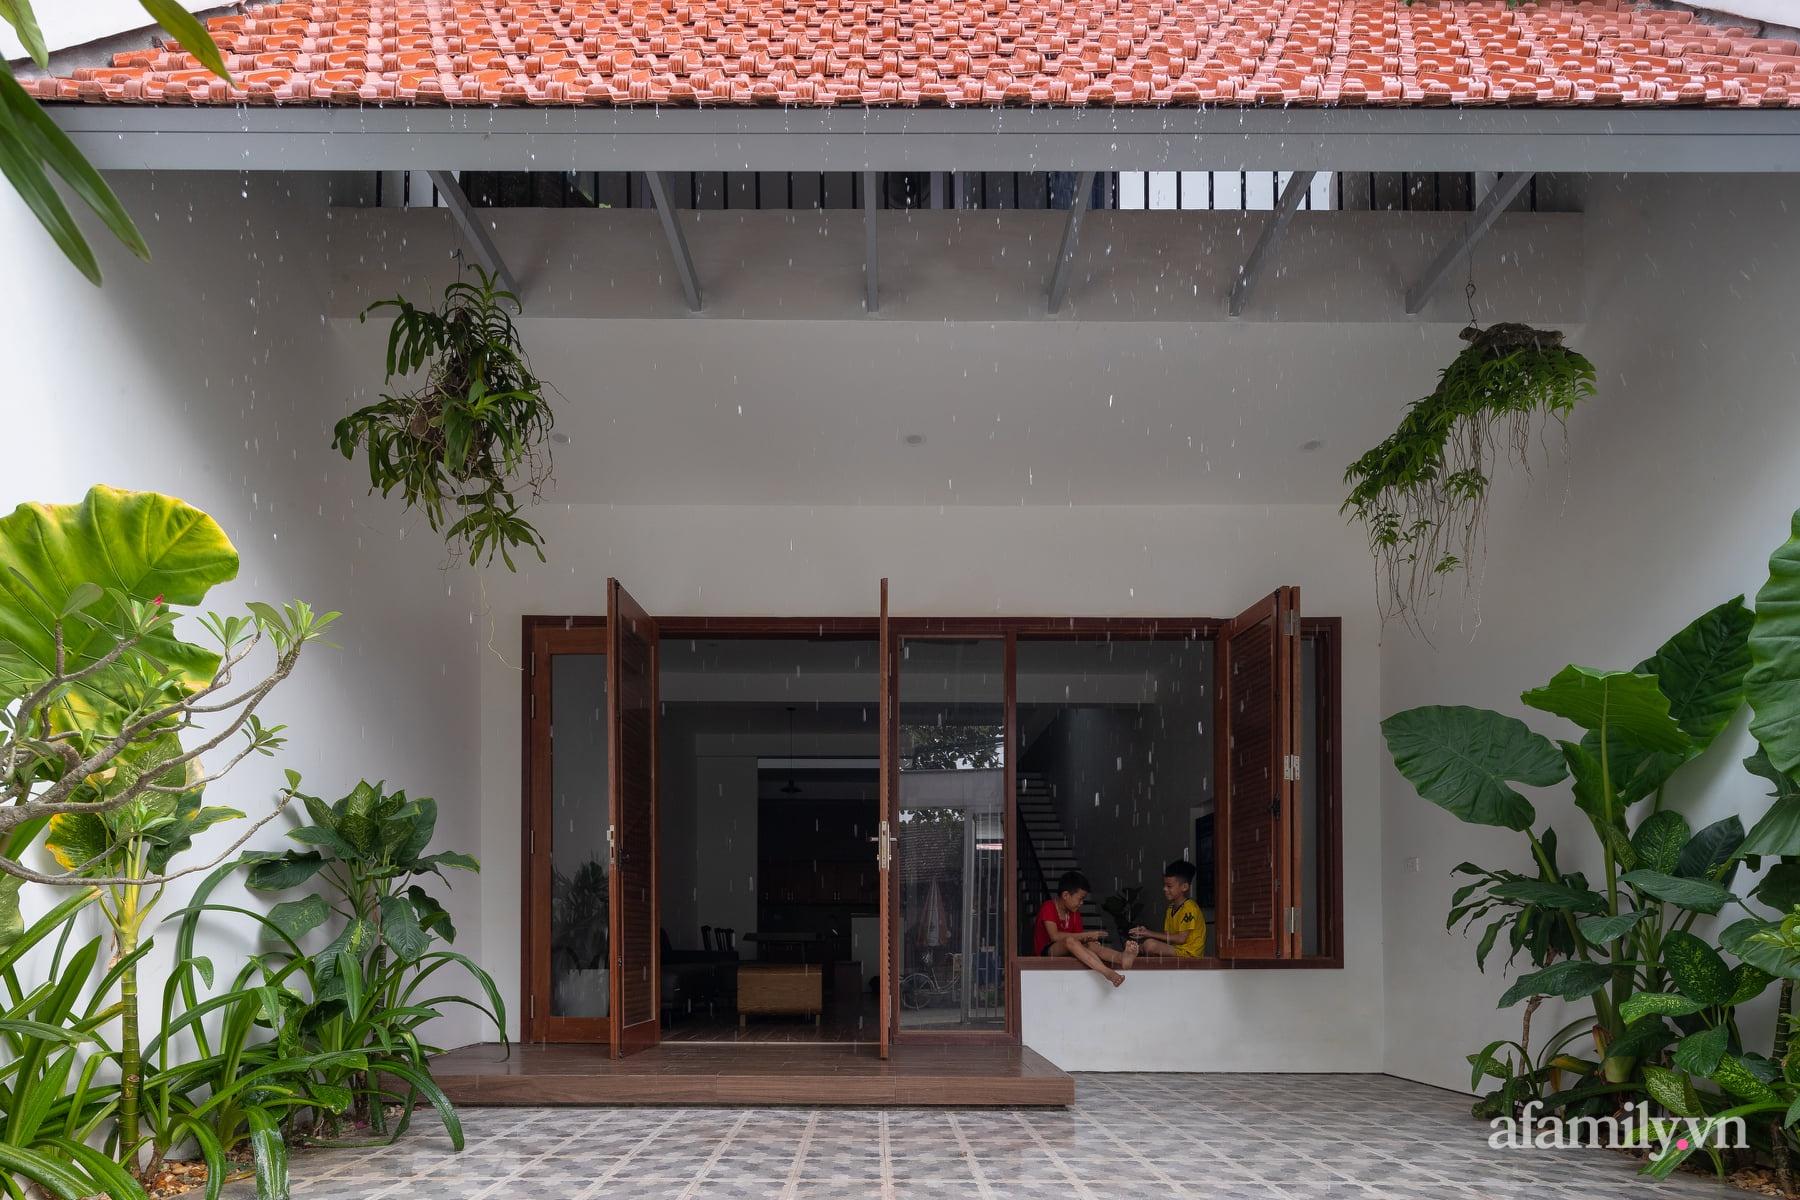 Ngôi nhà ngói gói gọn bình yên với những tiện nghi và hiện đại ở thị trấn nông thôn Nghệ An - Ảnh 9.